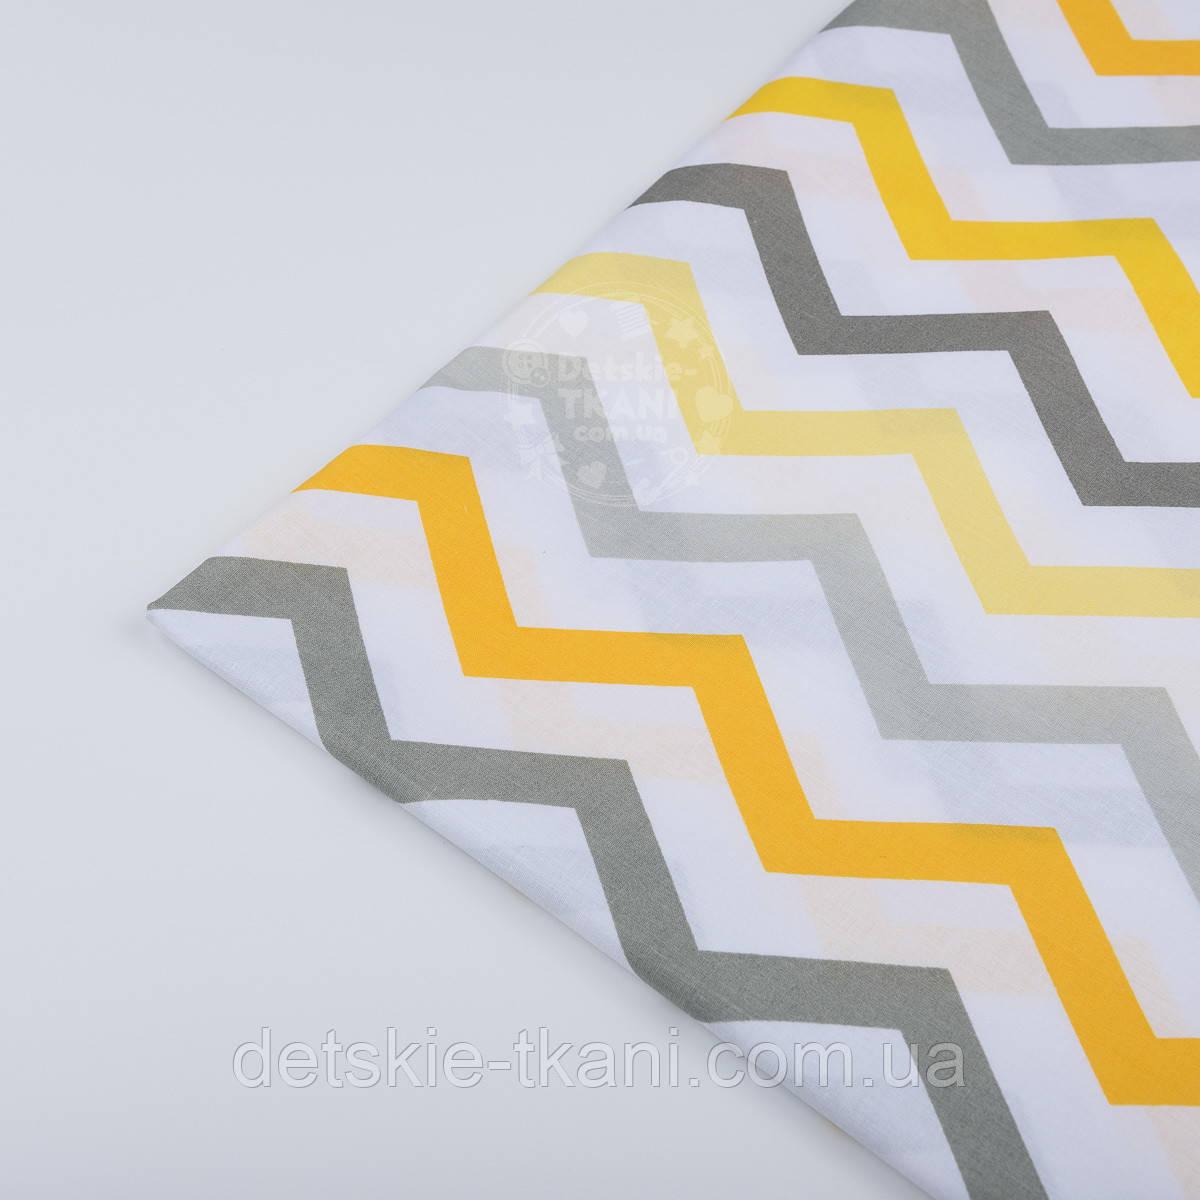 Отрез ткани №269а  с серыми и жёлтыми зигзагами разных оттенков